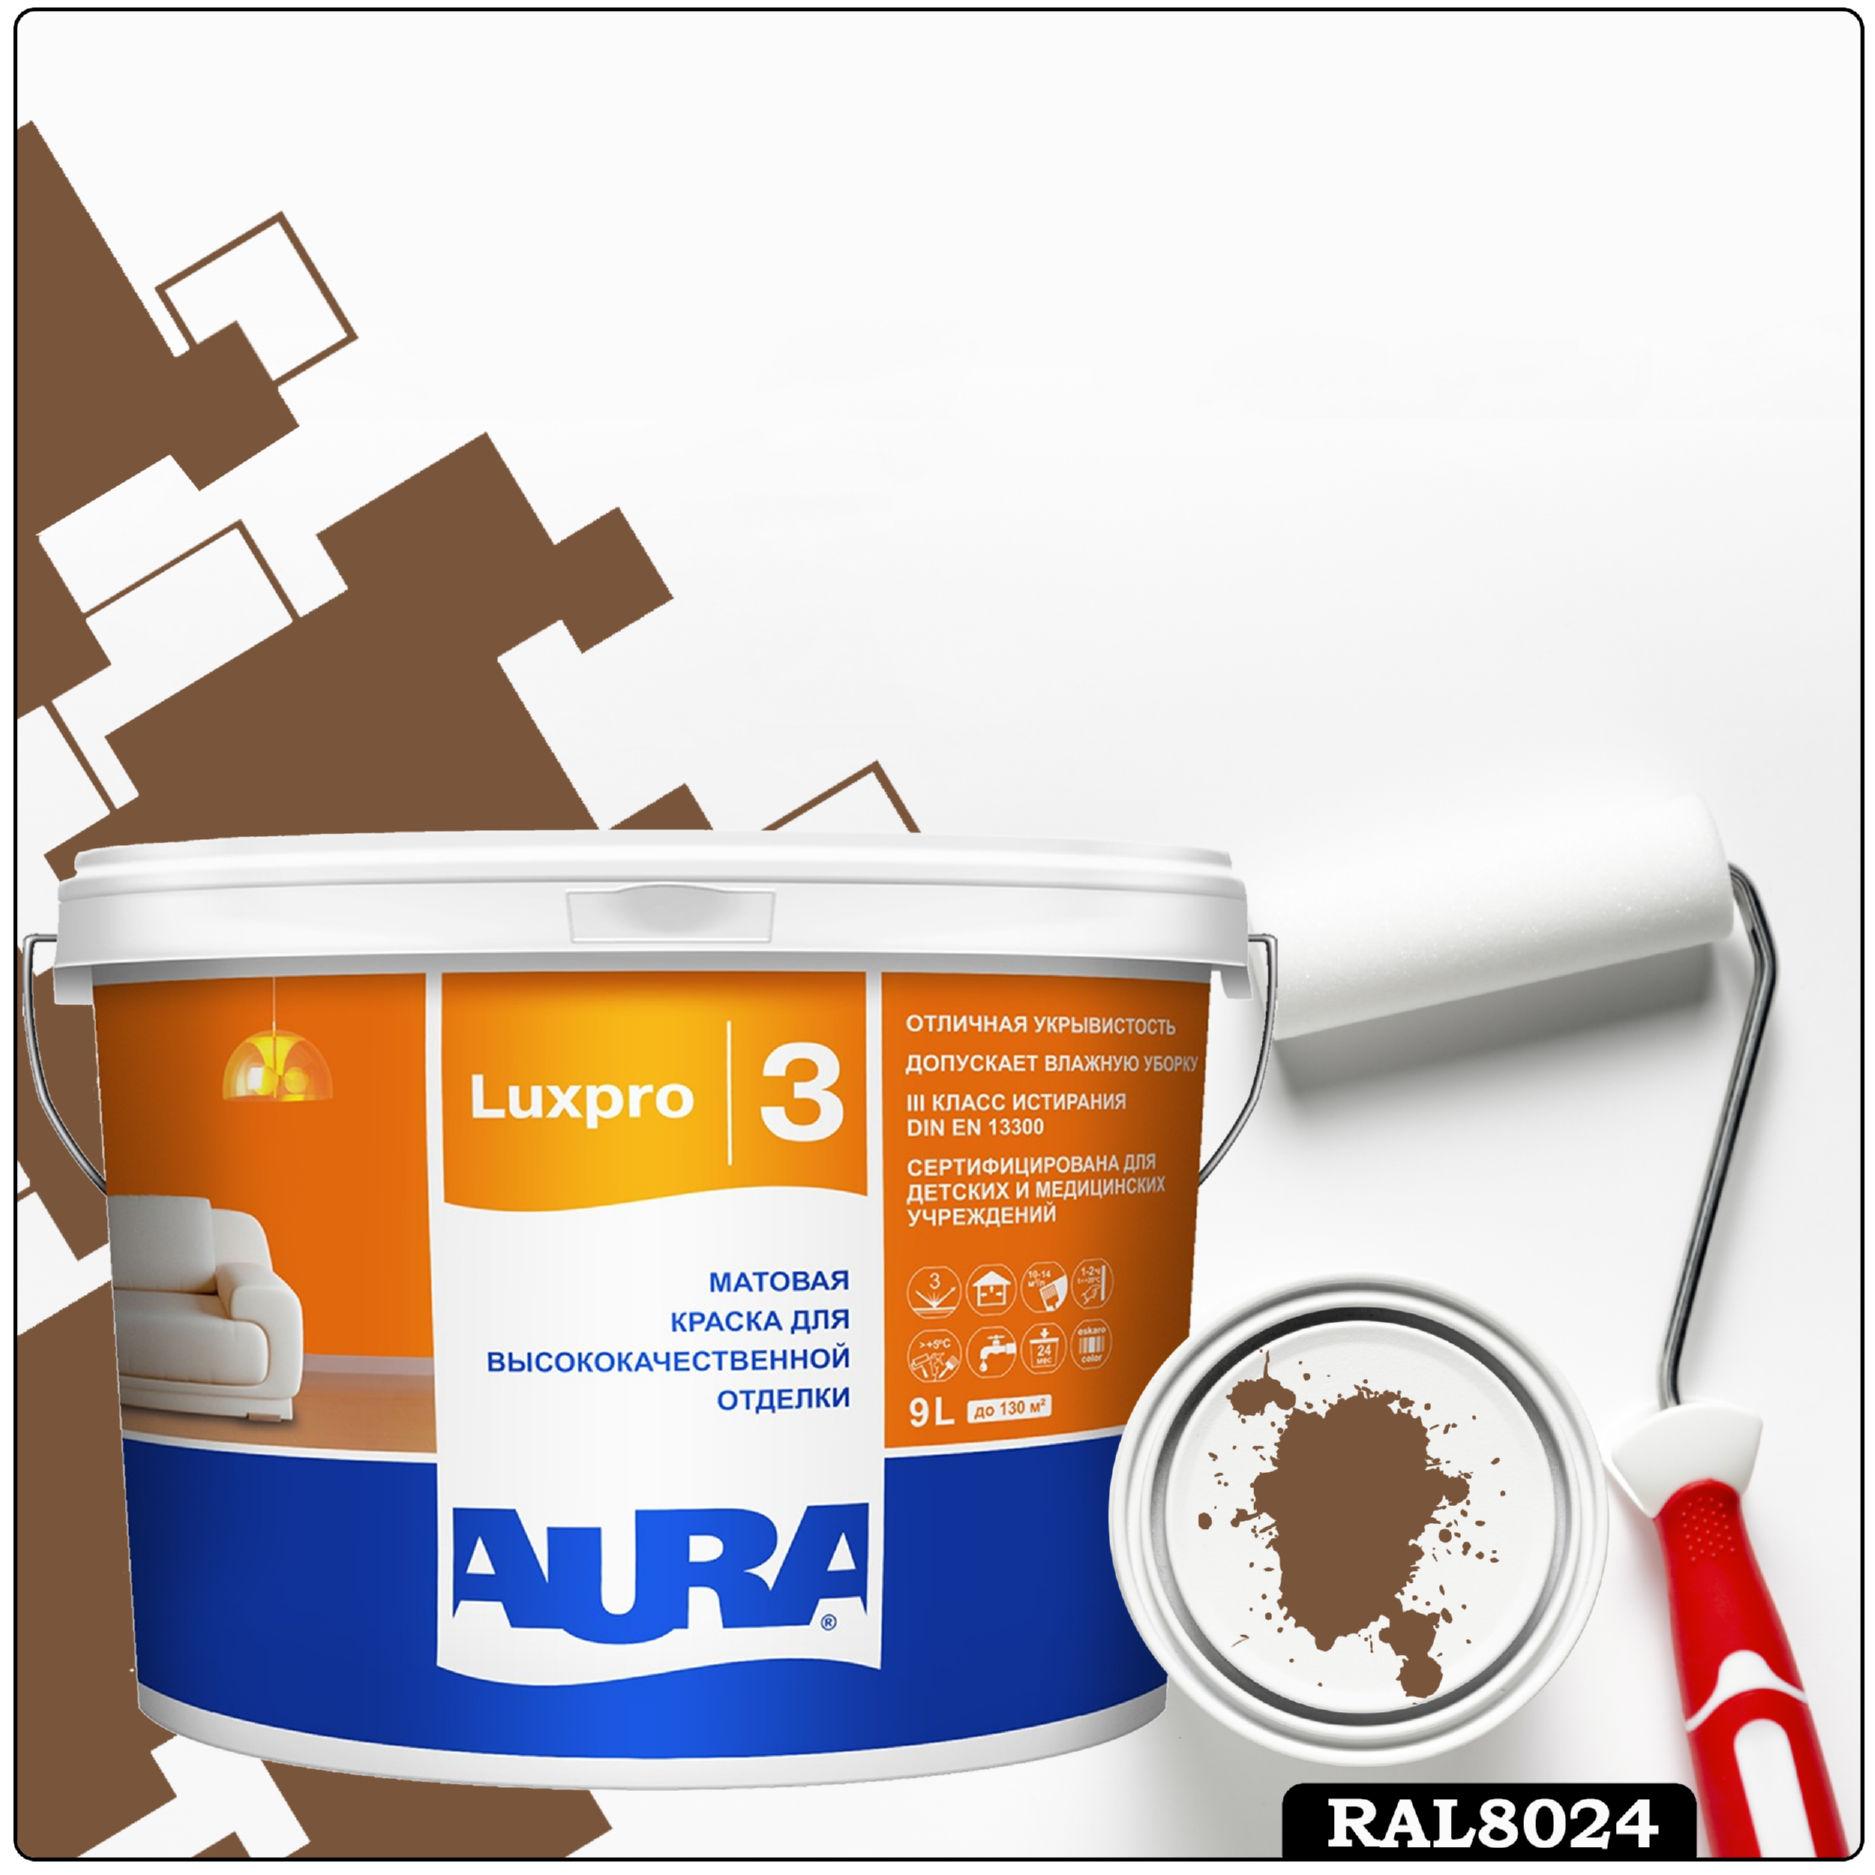 Фото 17 - Краска Aura LuxPRO 3, RAL 8024 Бежево-коричневый, латексная, шелково-матовая, интерьерная, 9л, Аура.